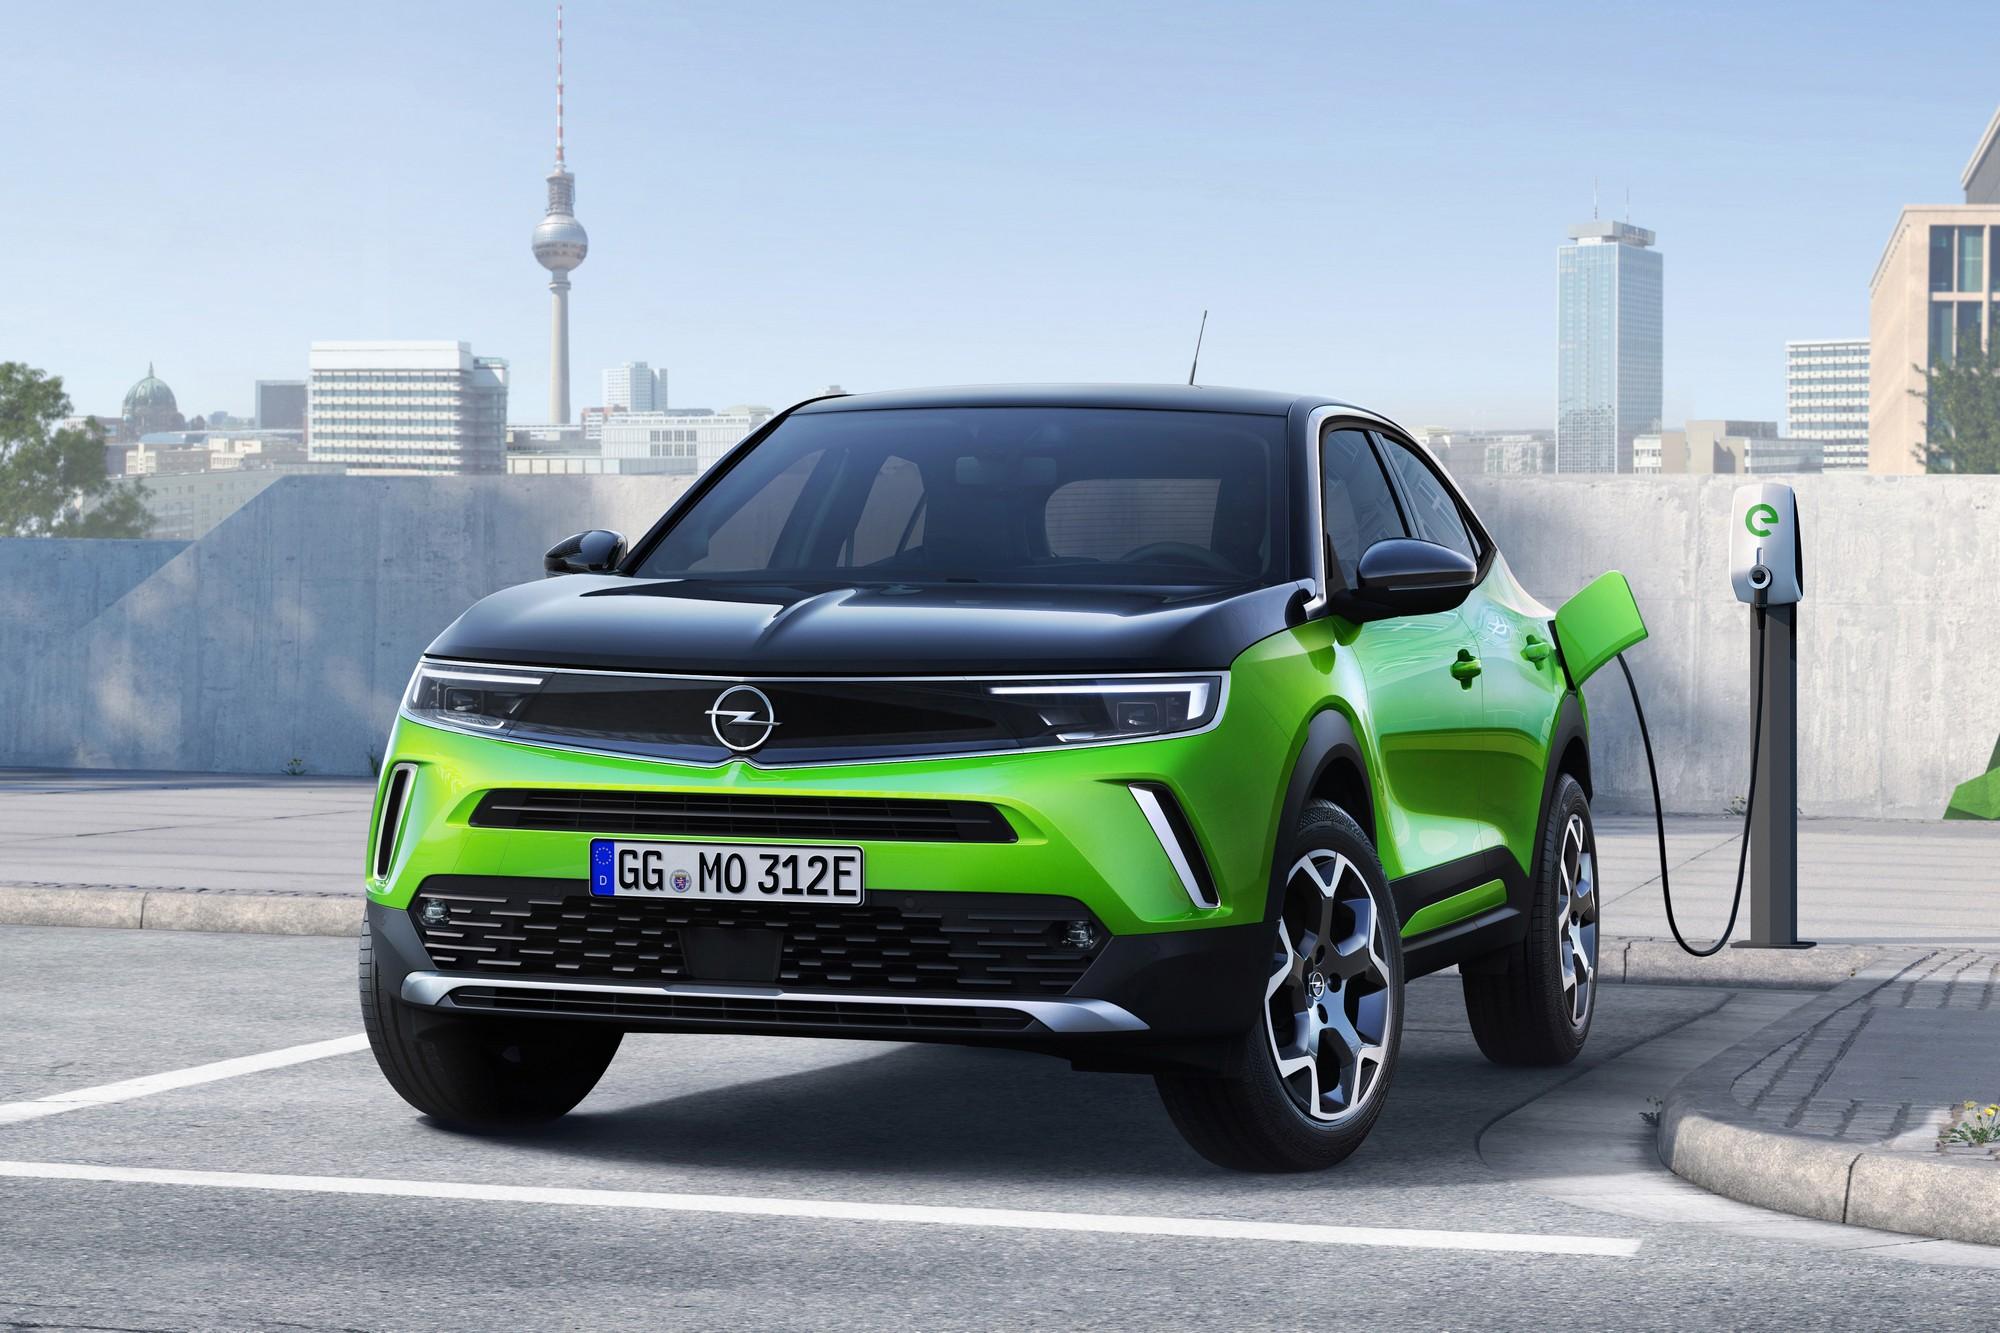 Opel официально представил серийный электрокроссовер Opel Mokka с новым дизайном мощностью 100 кВт батареей на 50 кВтч и запасом хода 320